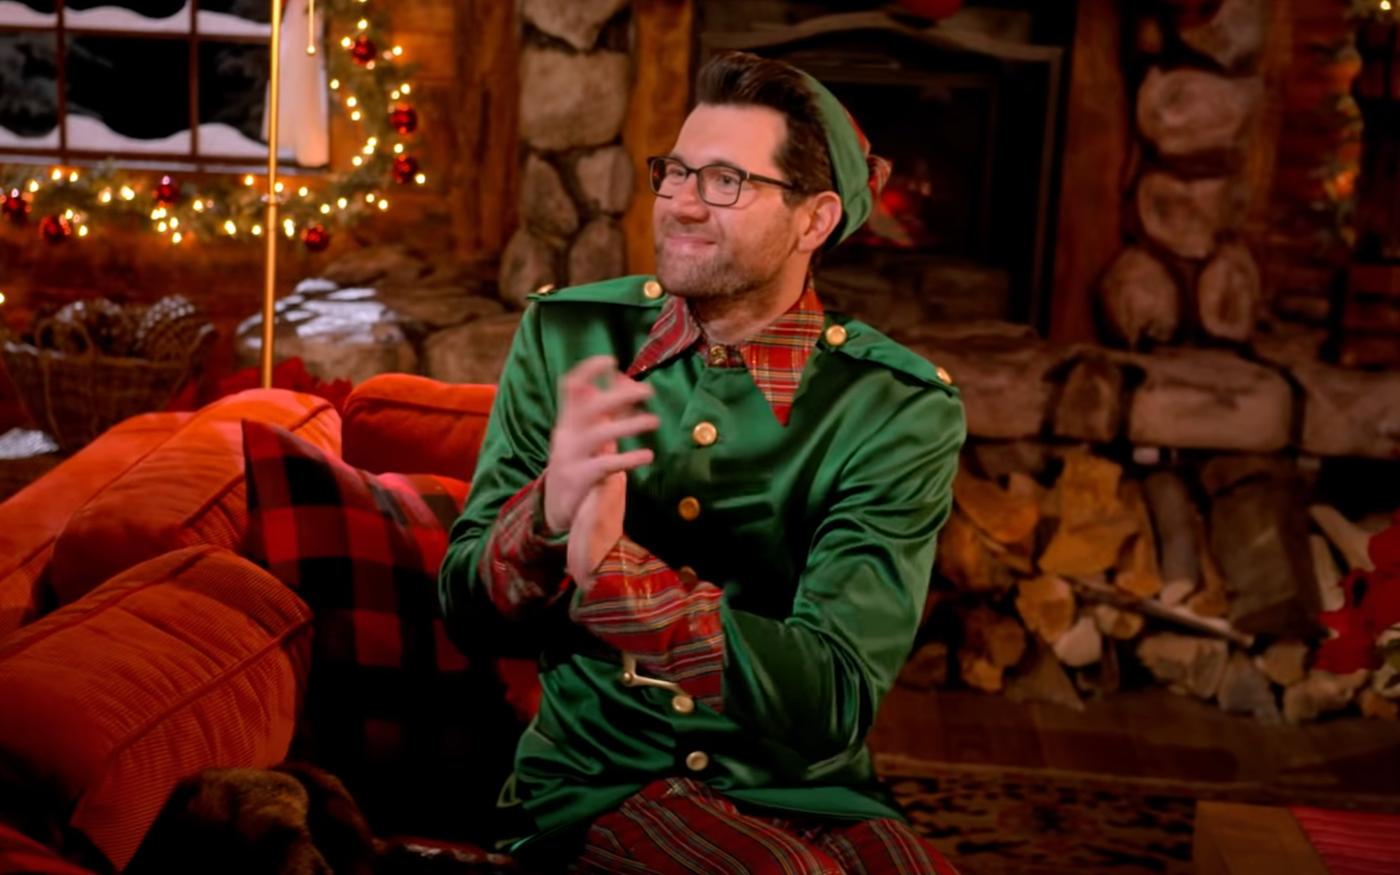 Mariah Carey Christmas Special Trailer Teases Festive Apple TV+ Show